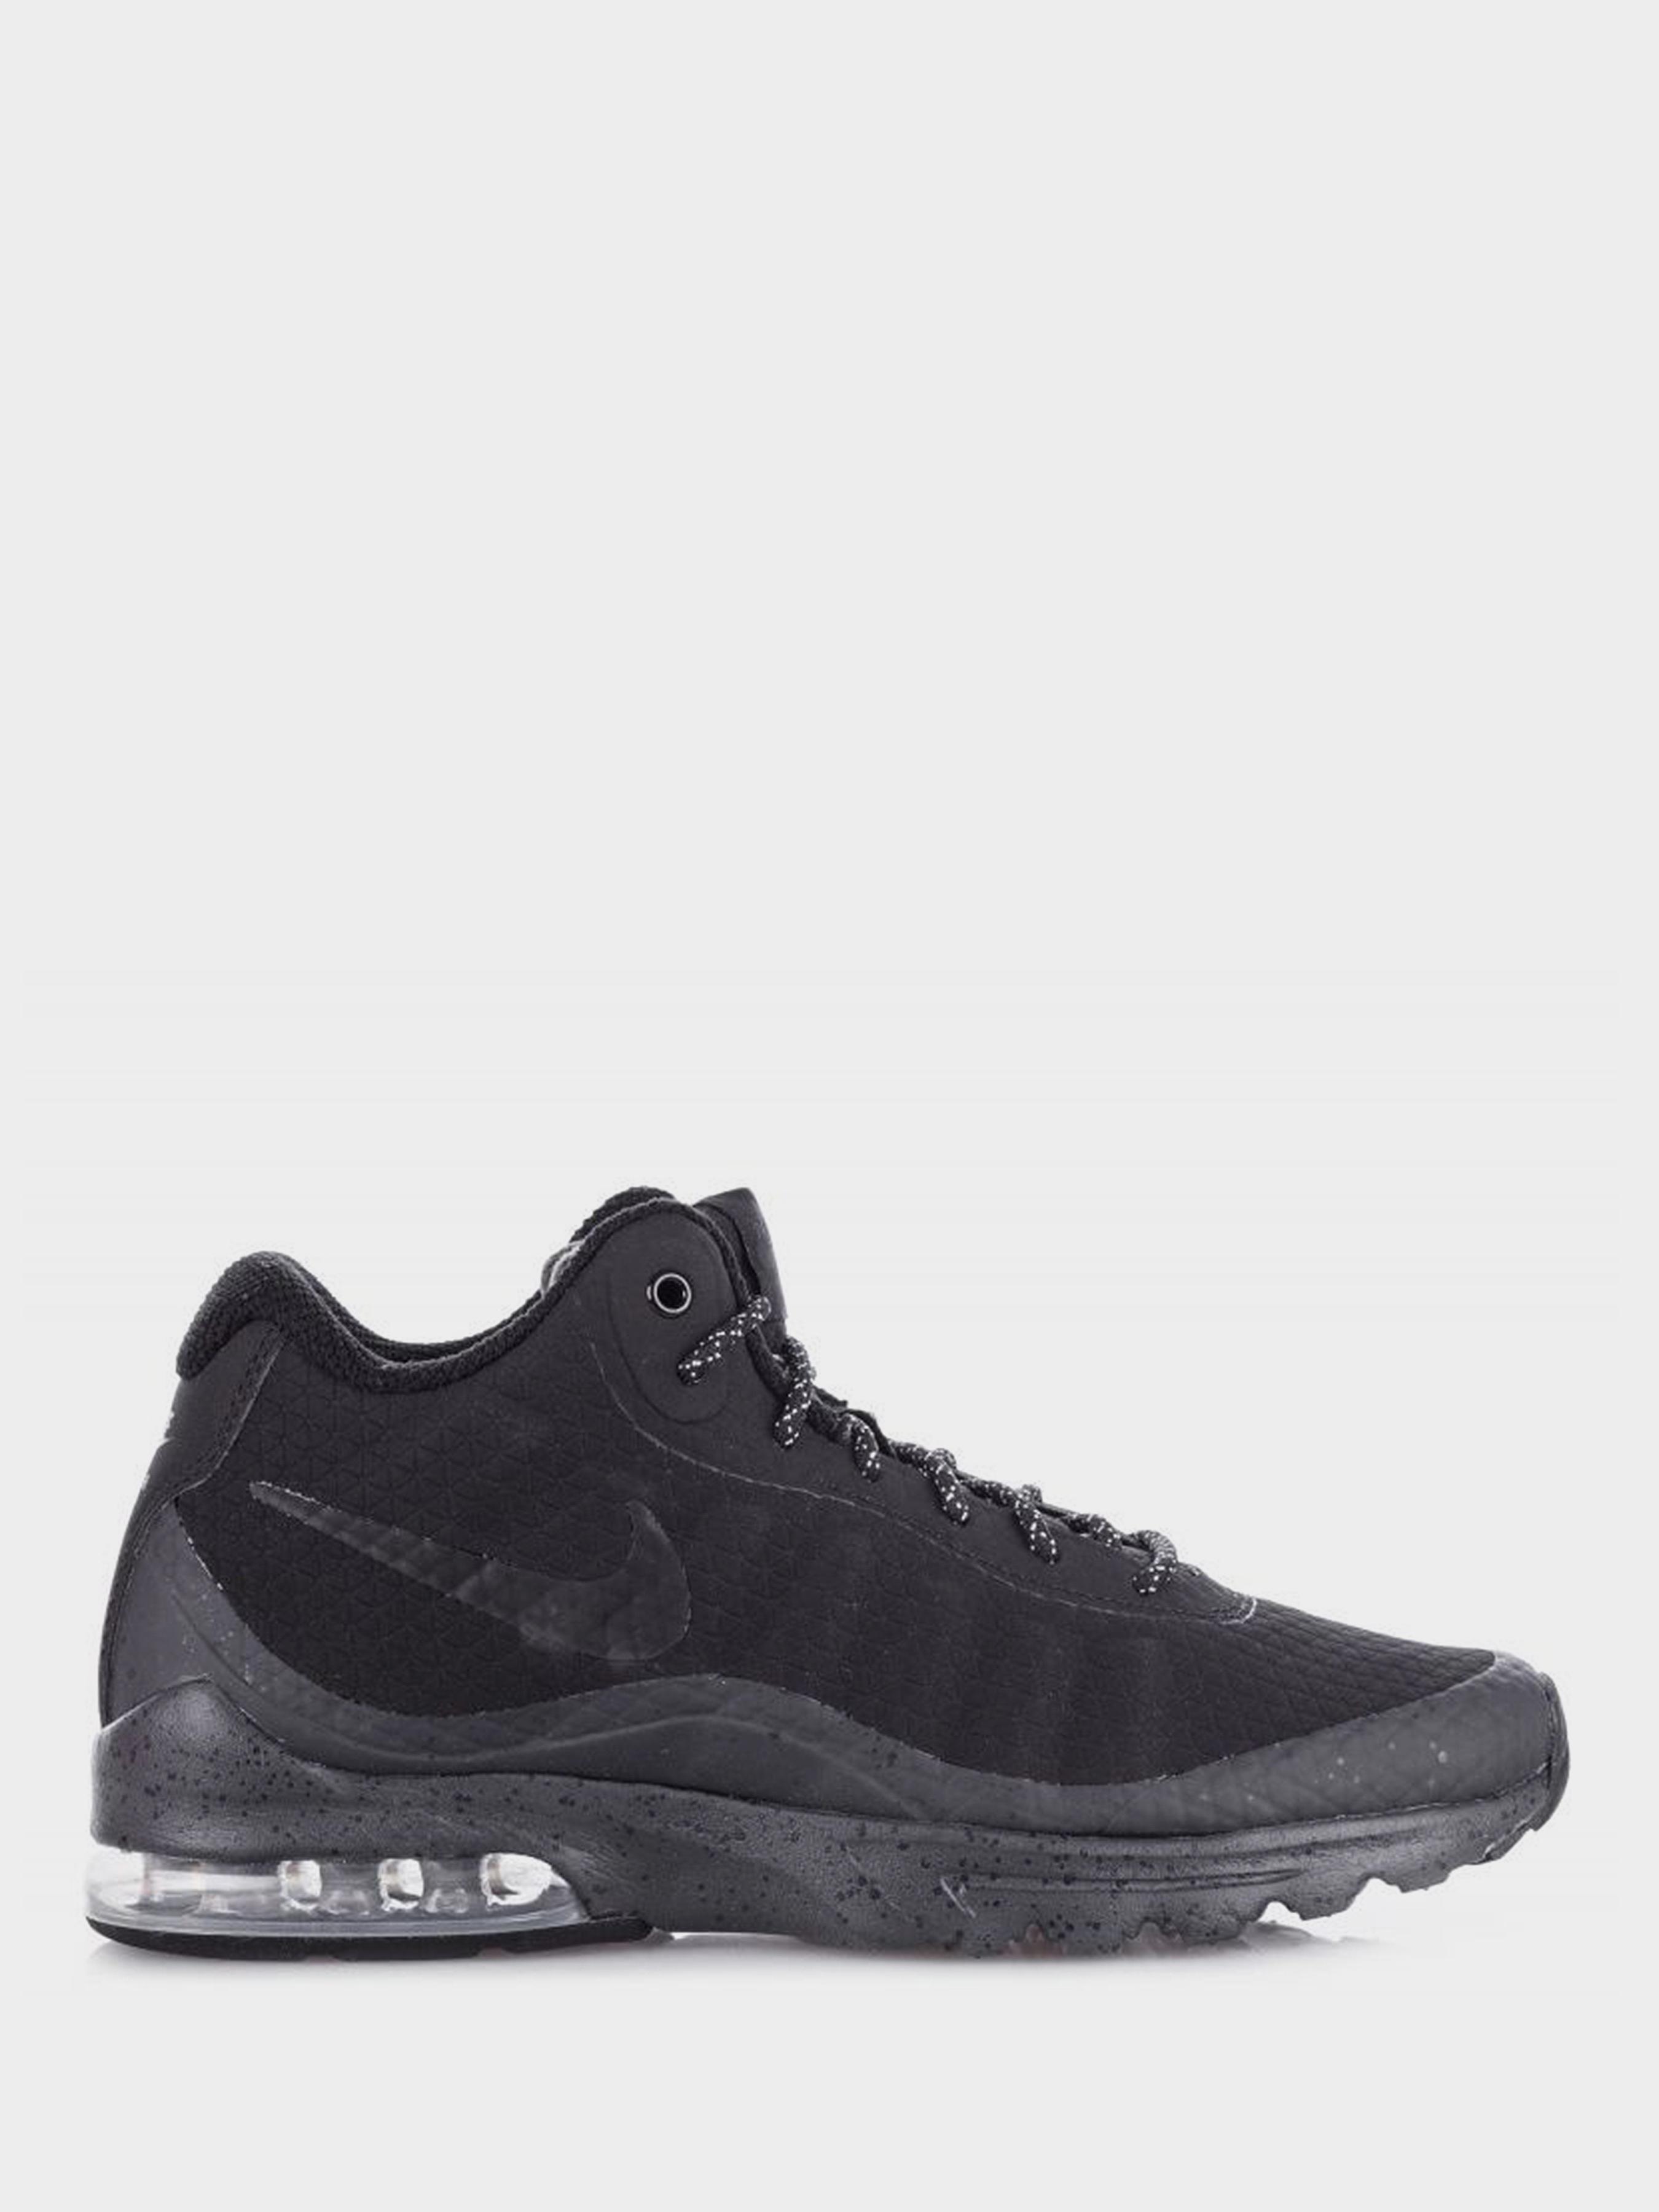 Кроссовки для мужчин NIKE CE158 цена, 2017